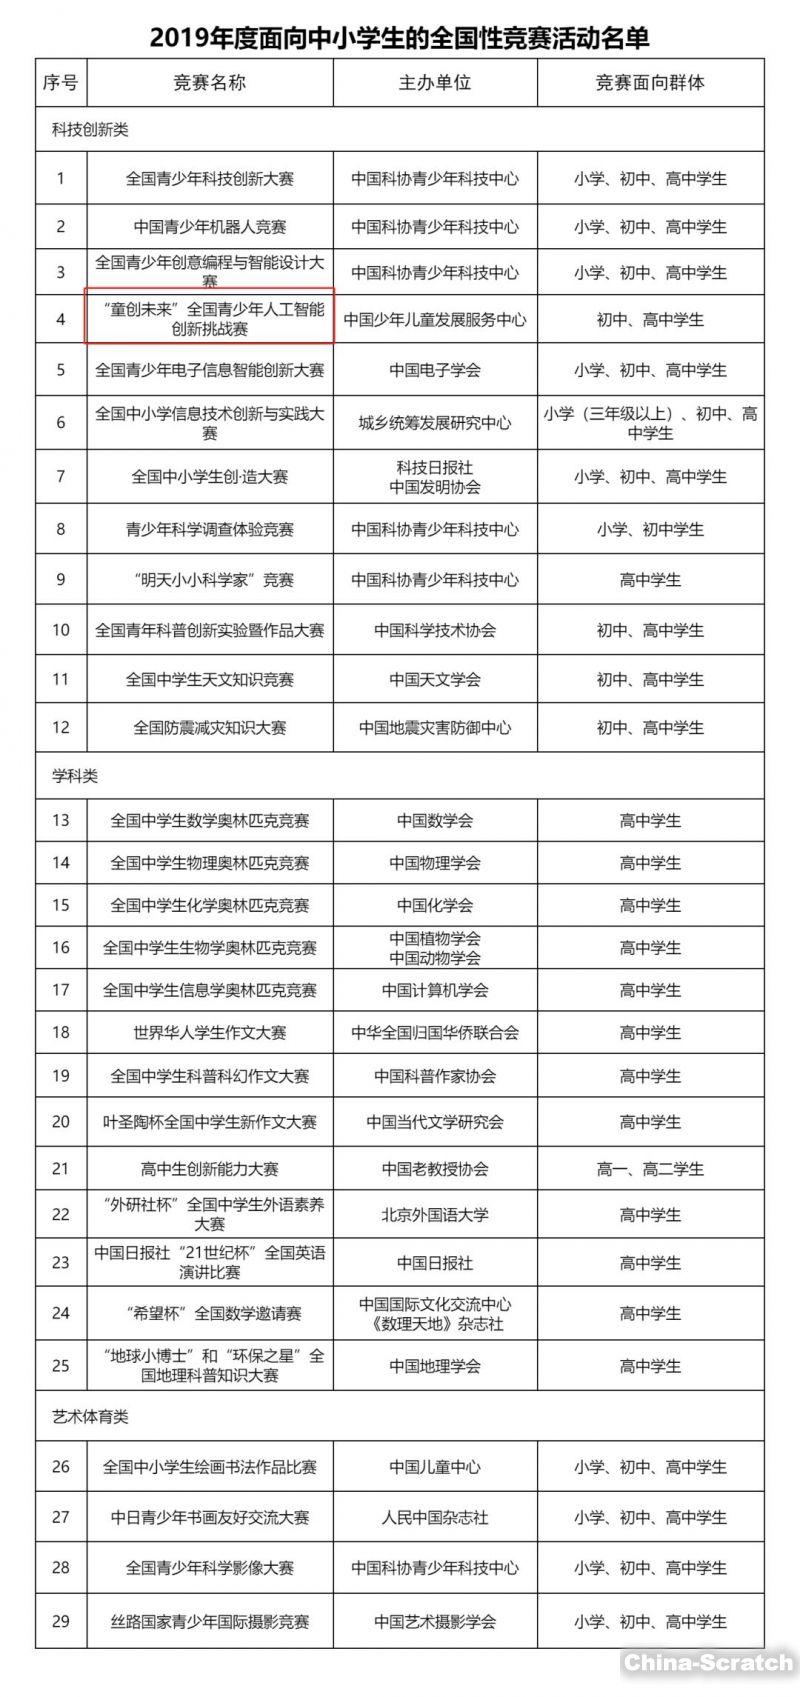 https://cdn.china-scratch.com/timg/190618/16345G3X-3.jpg